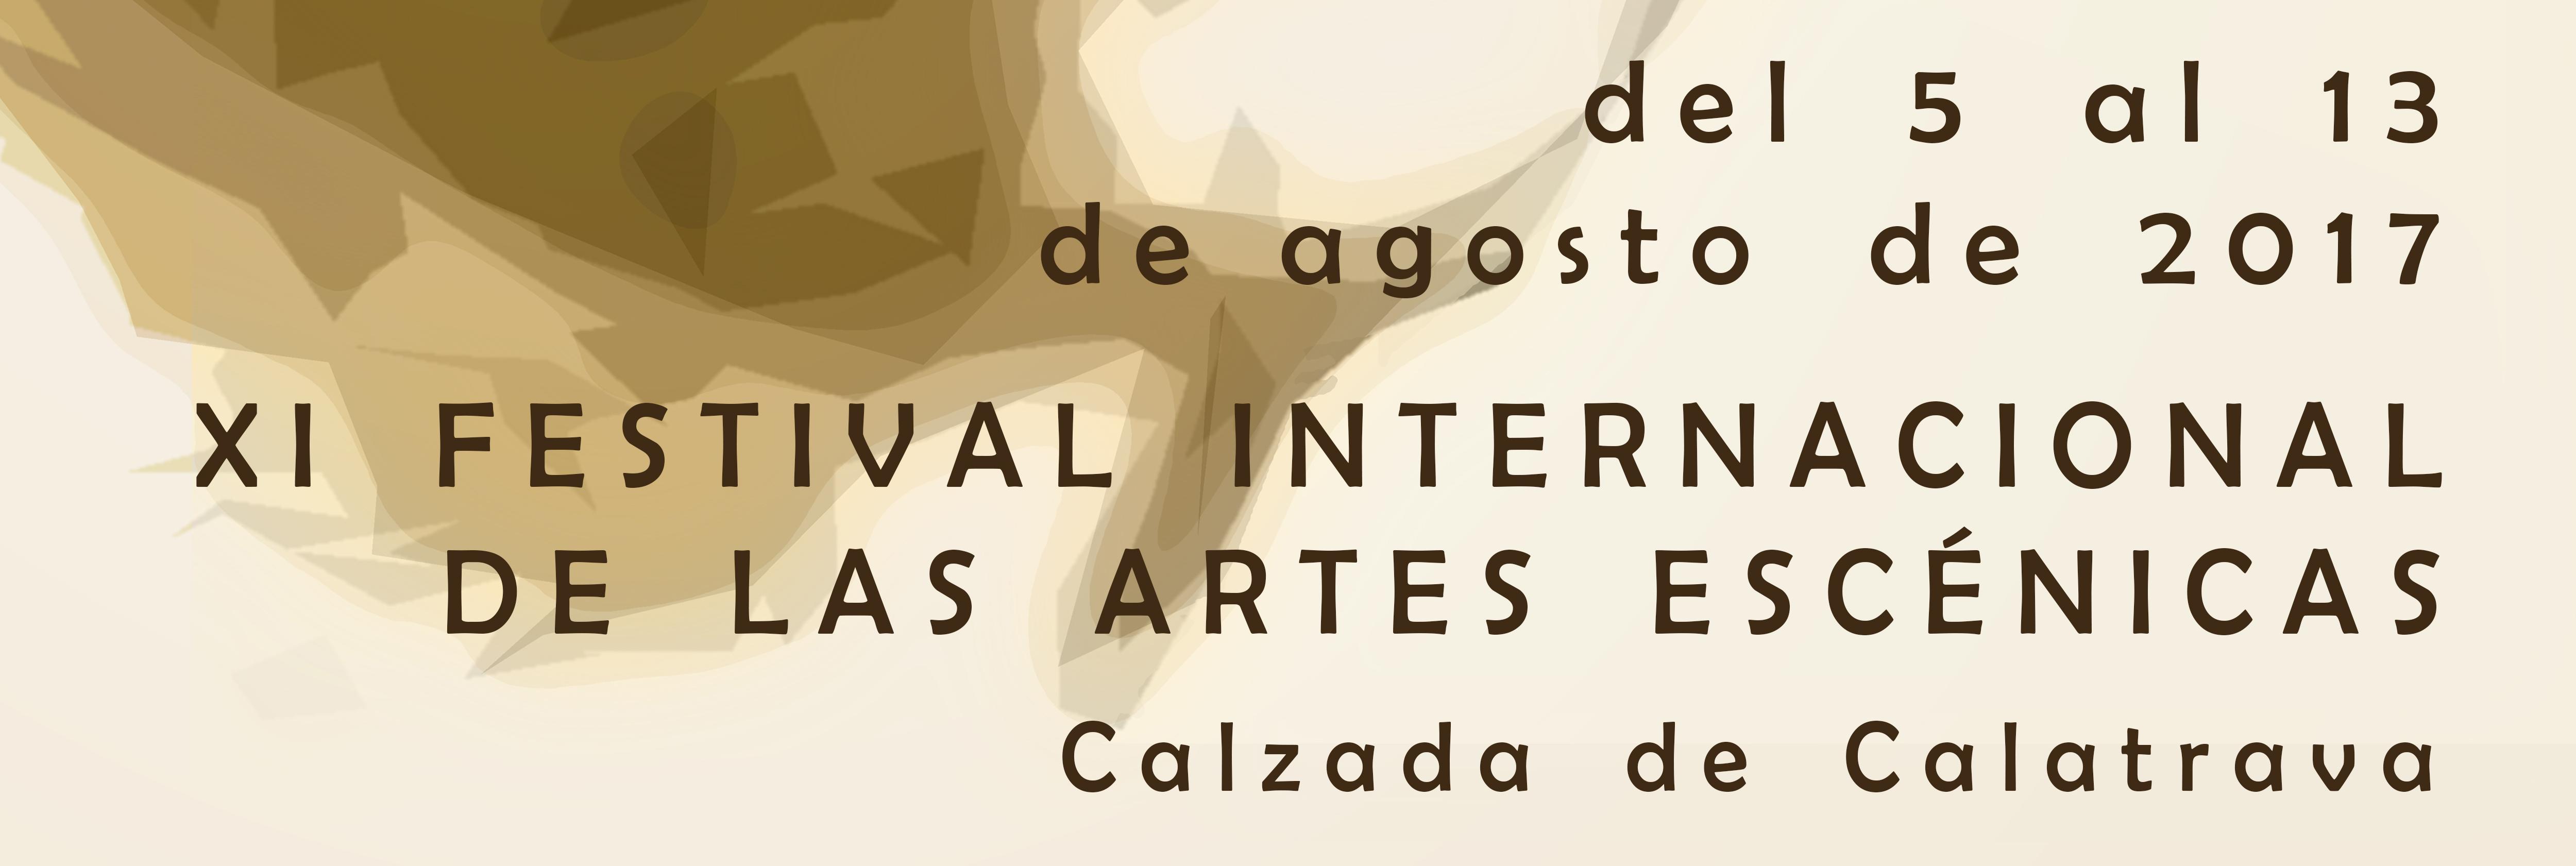 XI Festival Internacional De Las Artes Escénicas